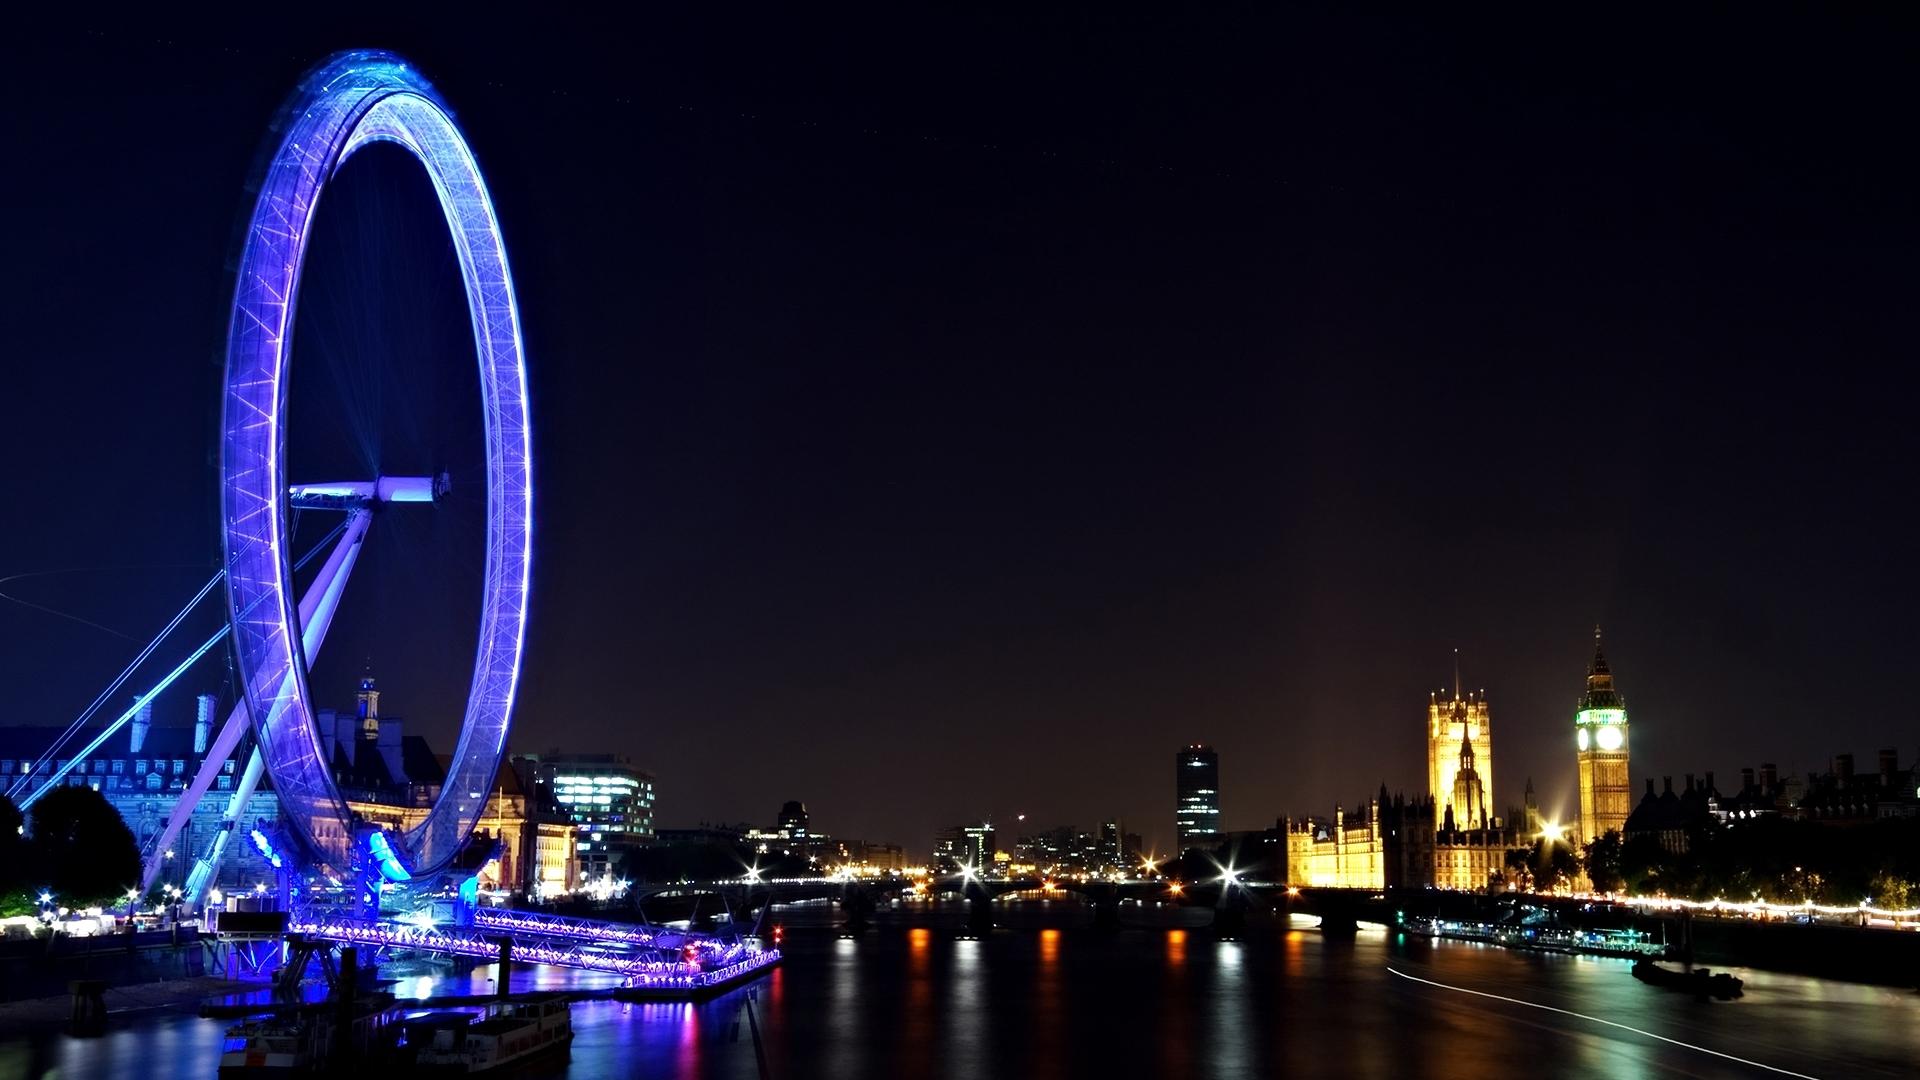 23970 скачать обои Пейзаж, Города, Ночь, Лондон - заставки и картинки бесплатно